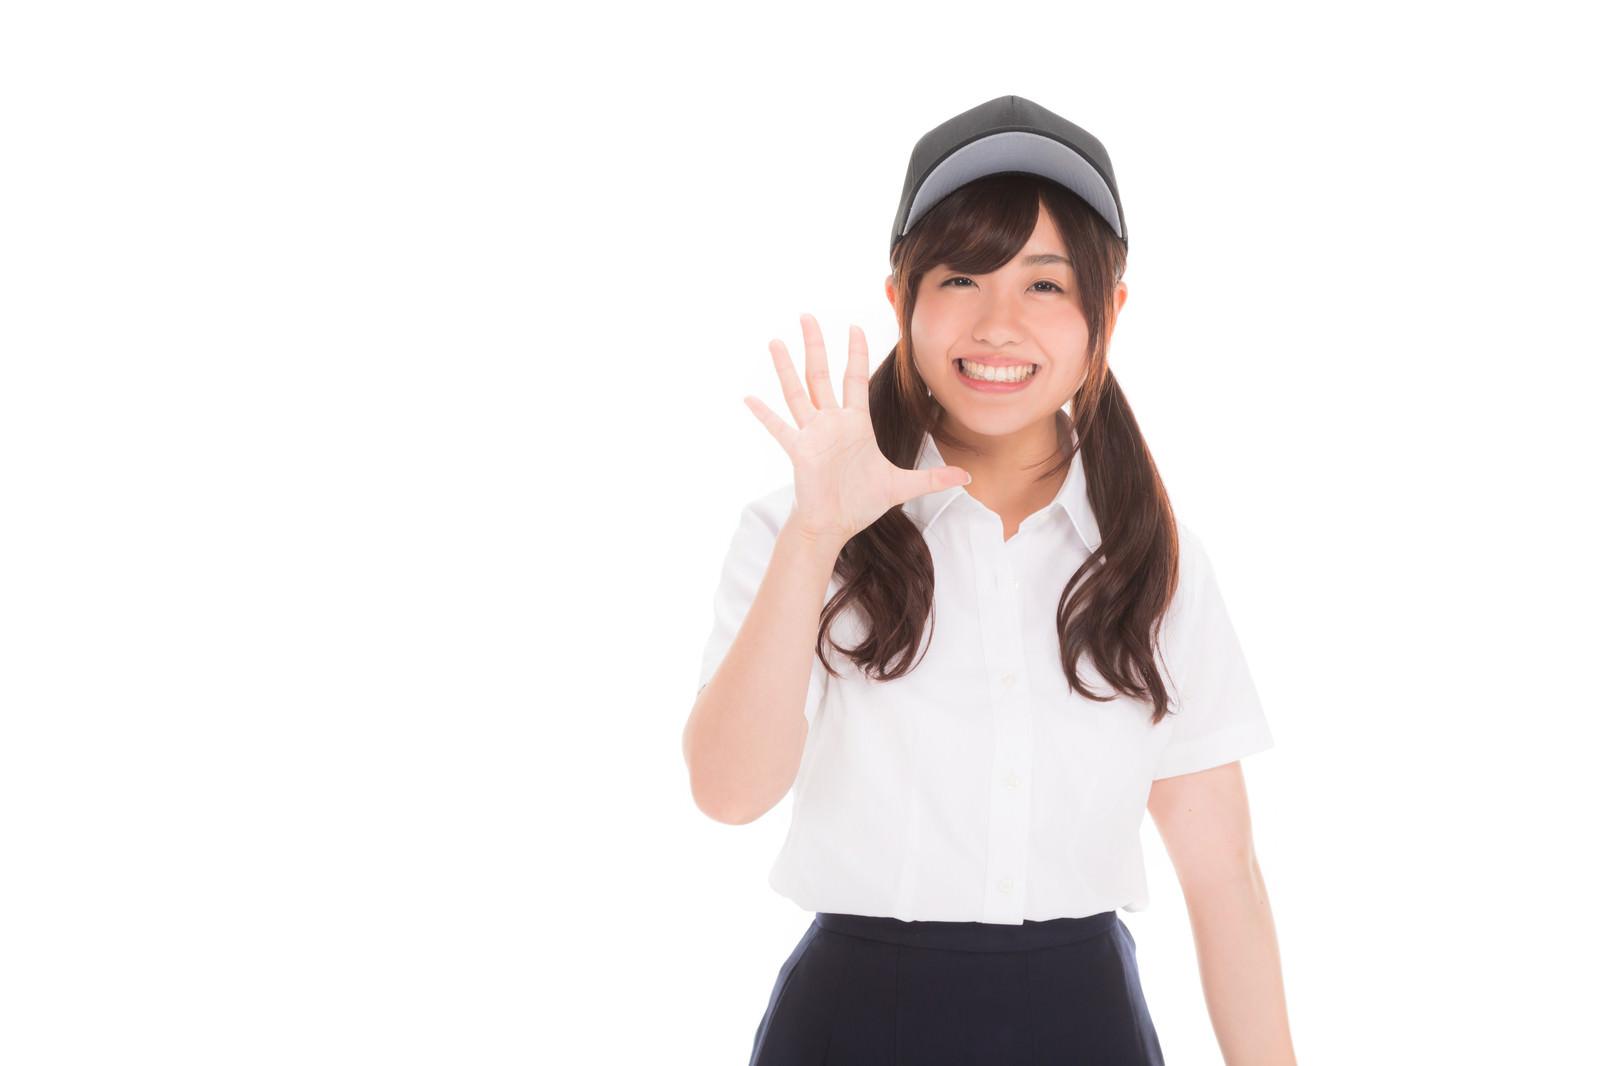 「笑顔で挨拶を返してくれる女子マネ」の写真[モデル:河村友歌]